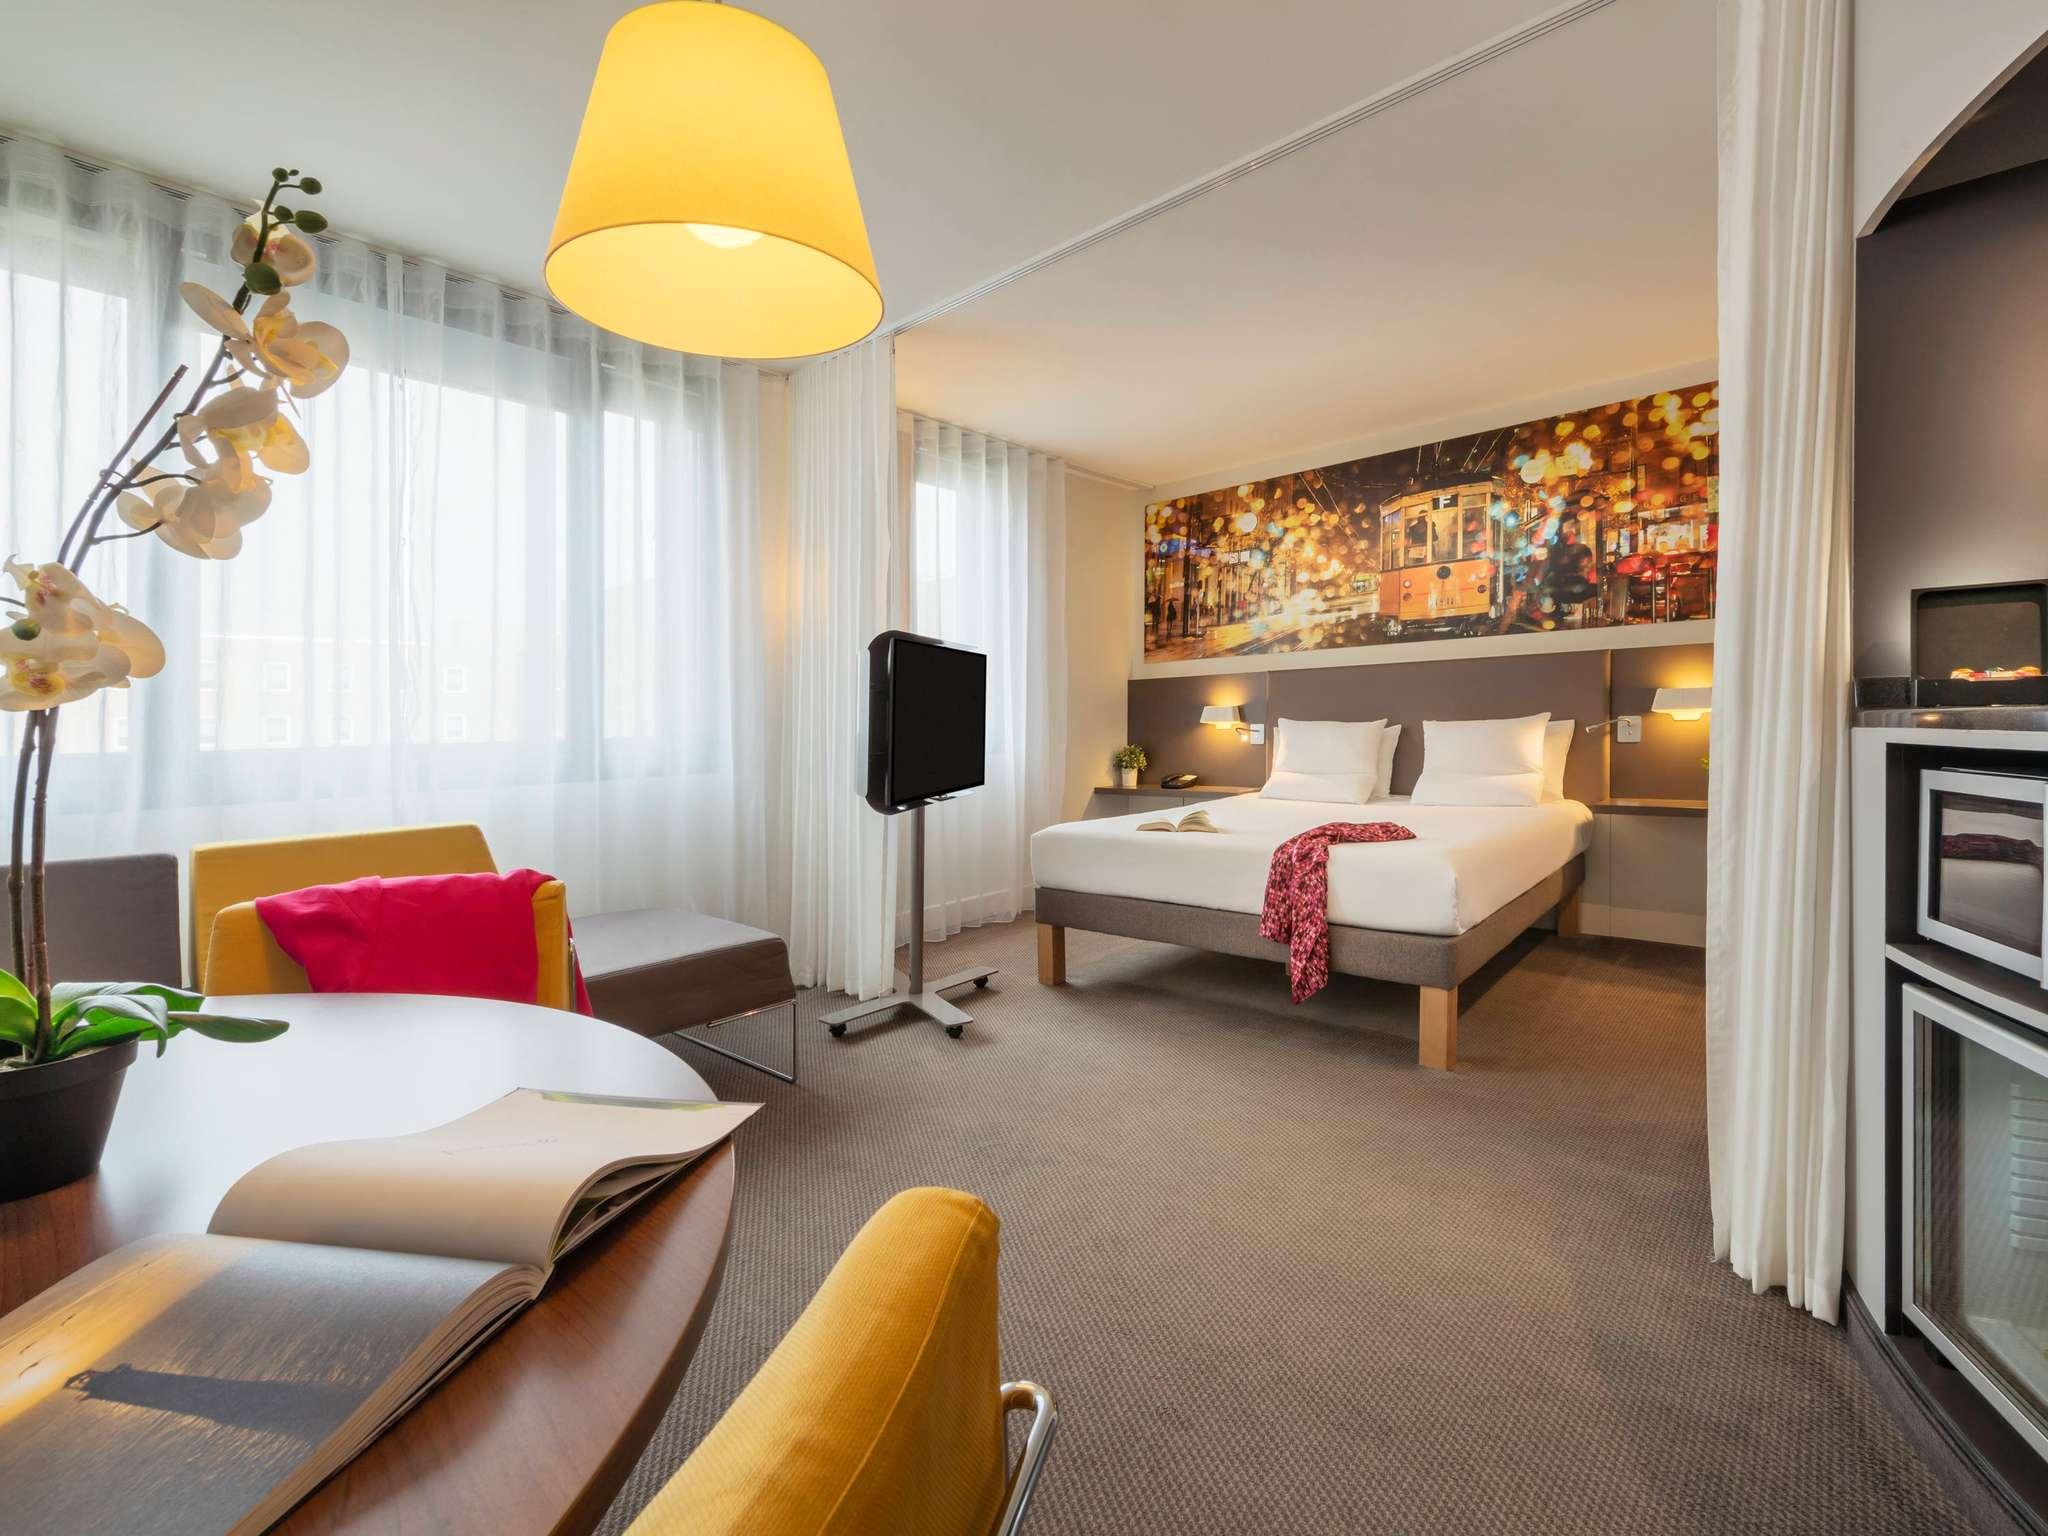 ホテル – ノボテル スイート パリ シャルルドゴール エアポート ヴィルパント